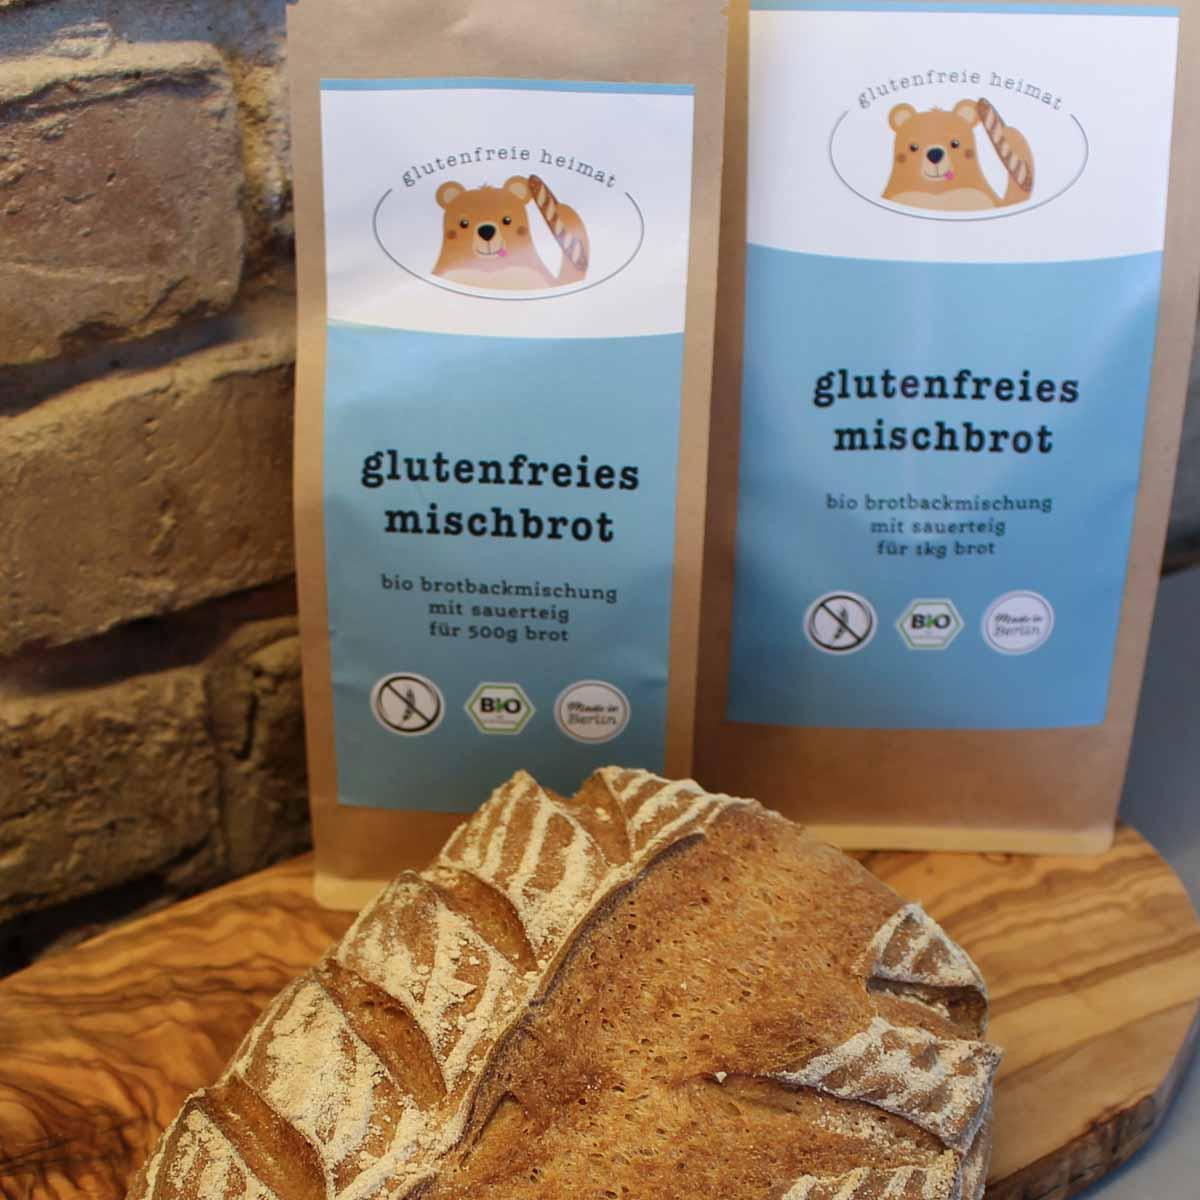 Glutenfreies Brot von Glutenfreie Heimat-2